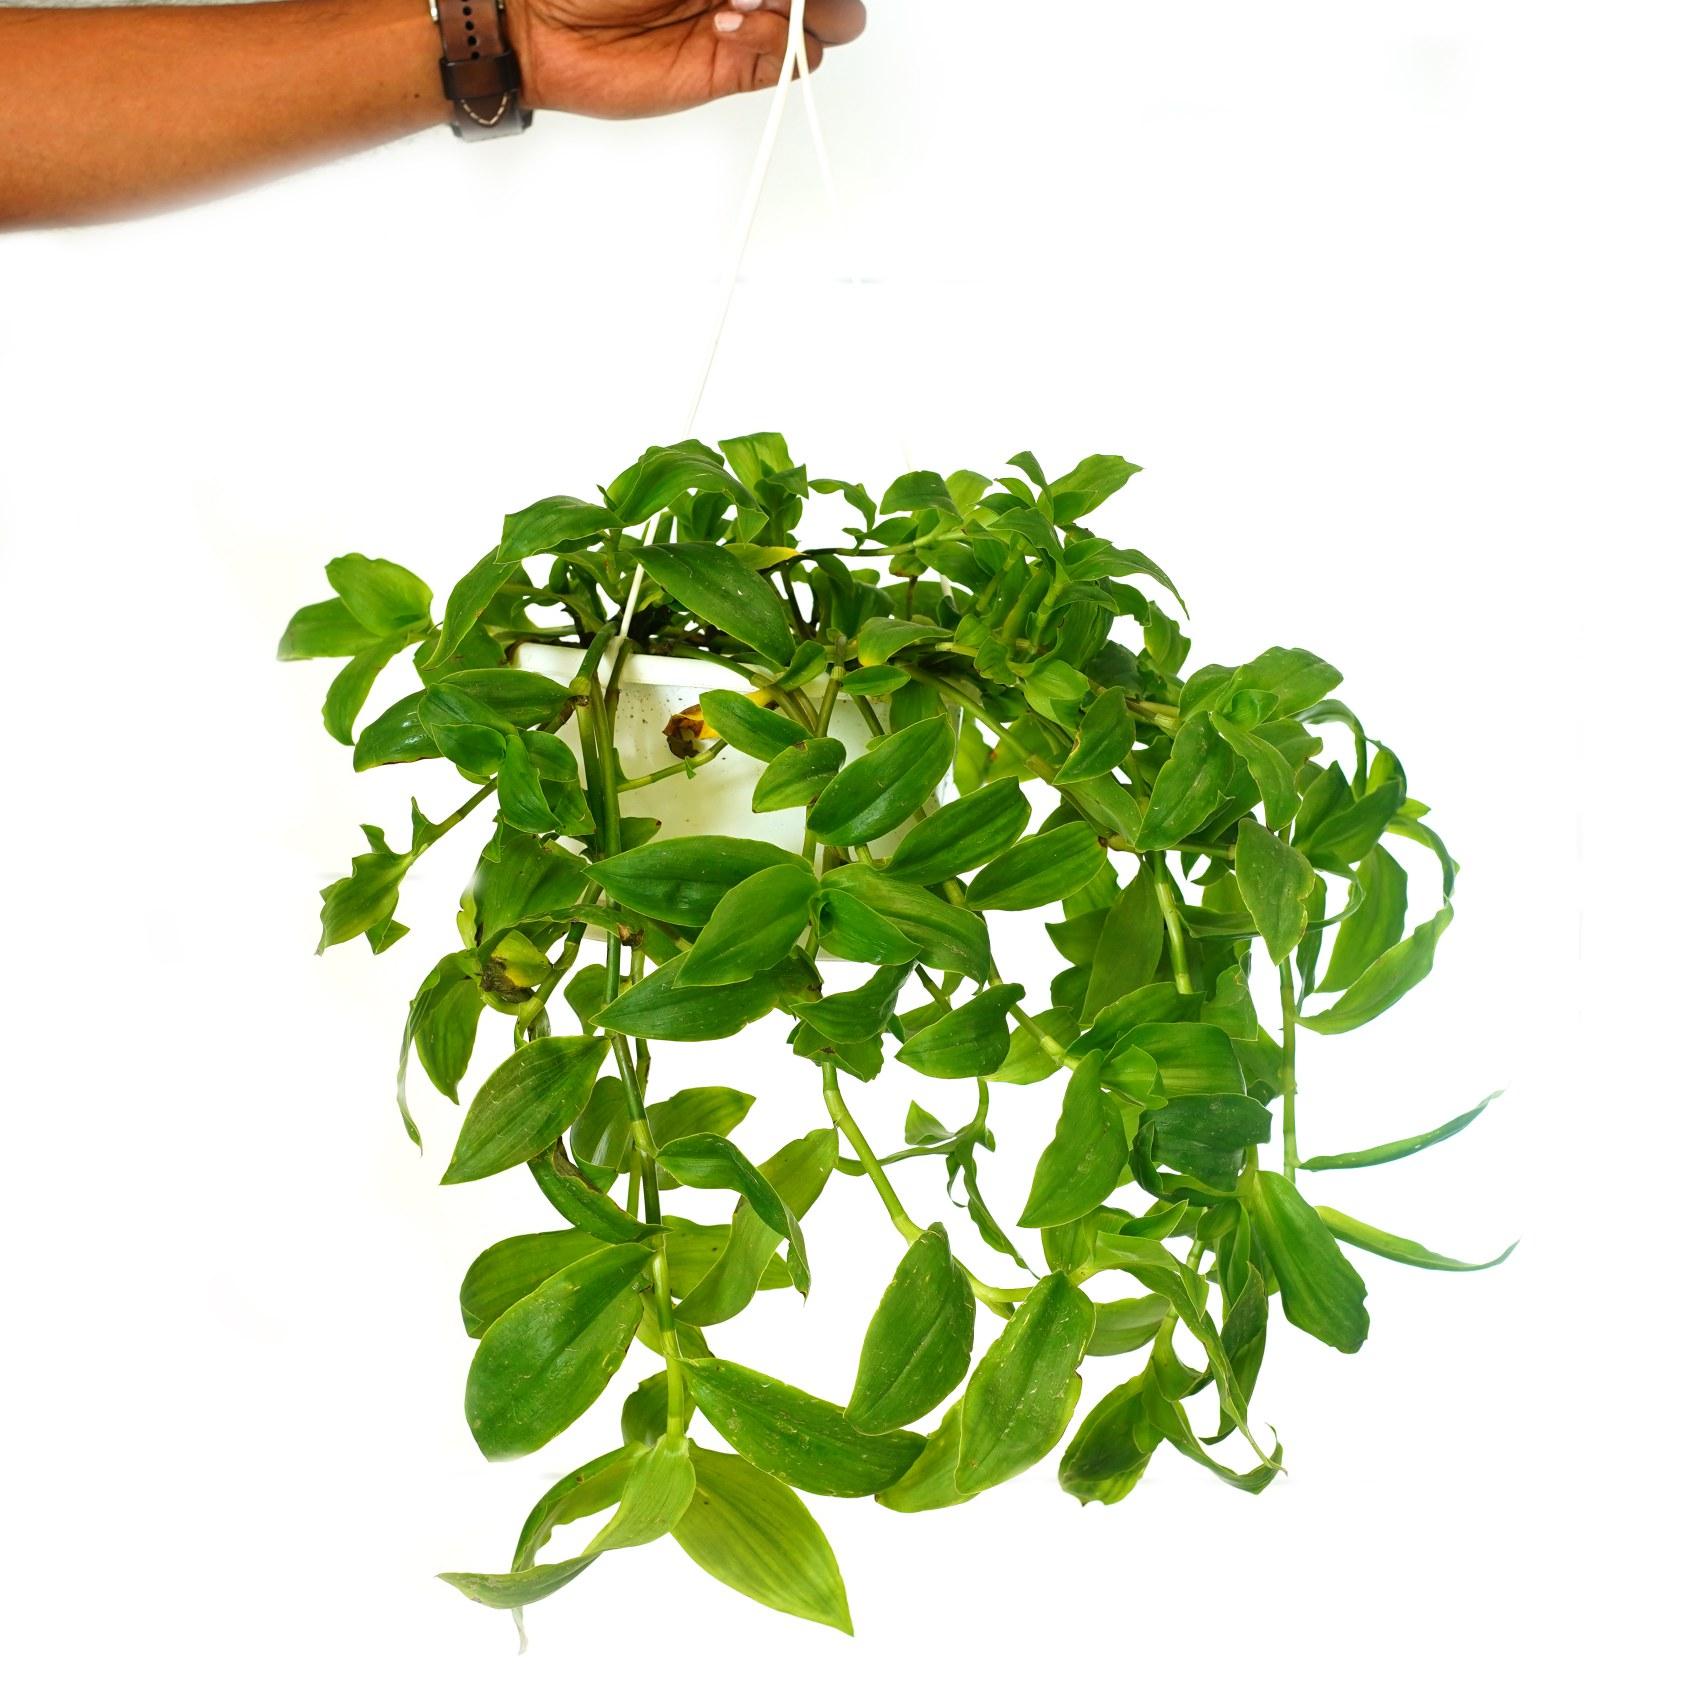 ترادسكانتيا أندرسونيانا 'نباتات داخلية'